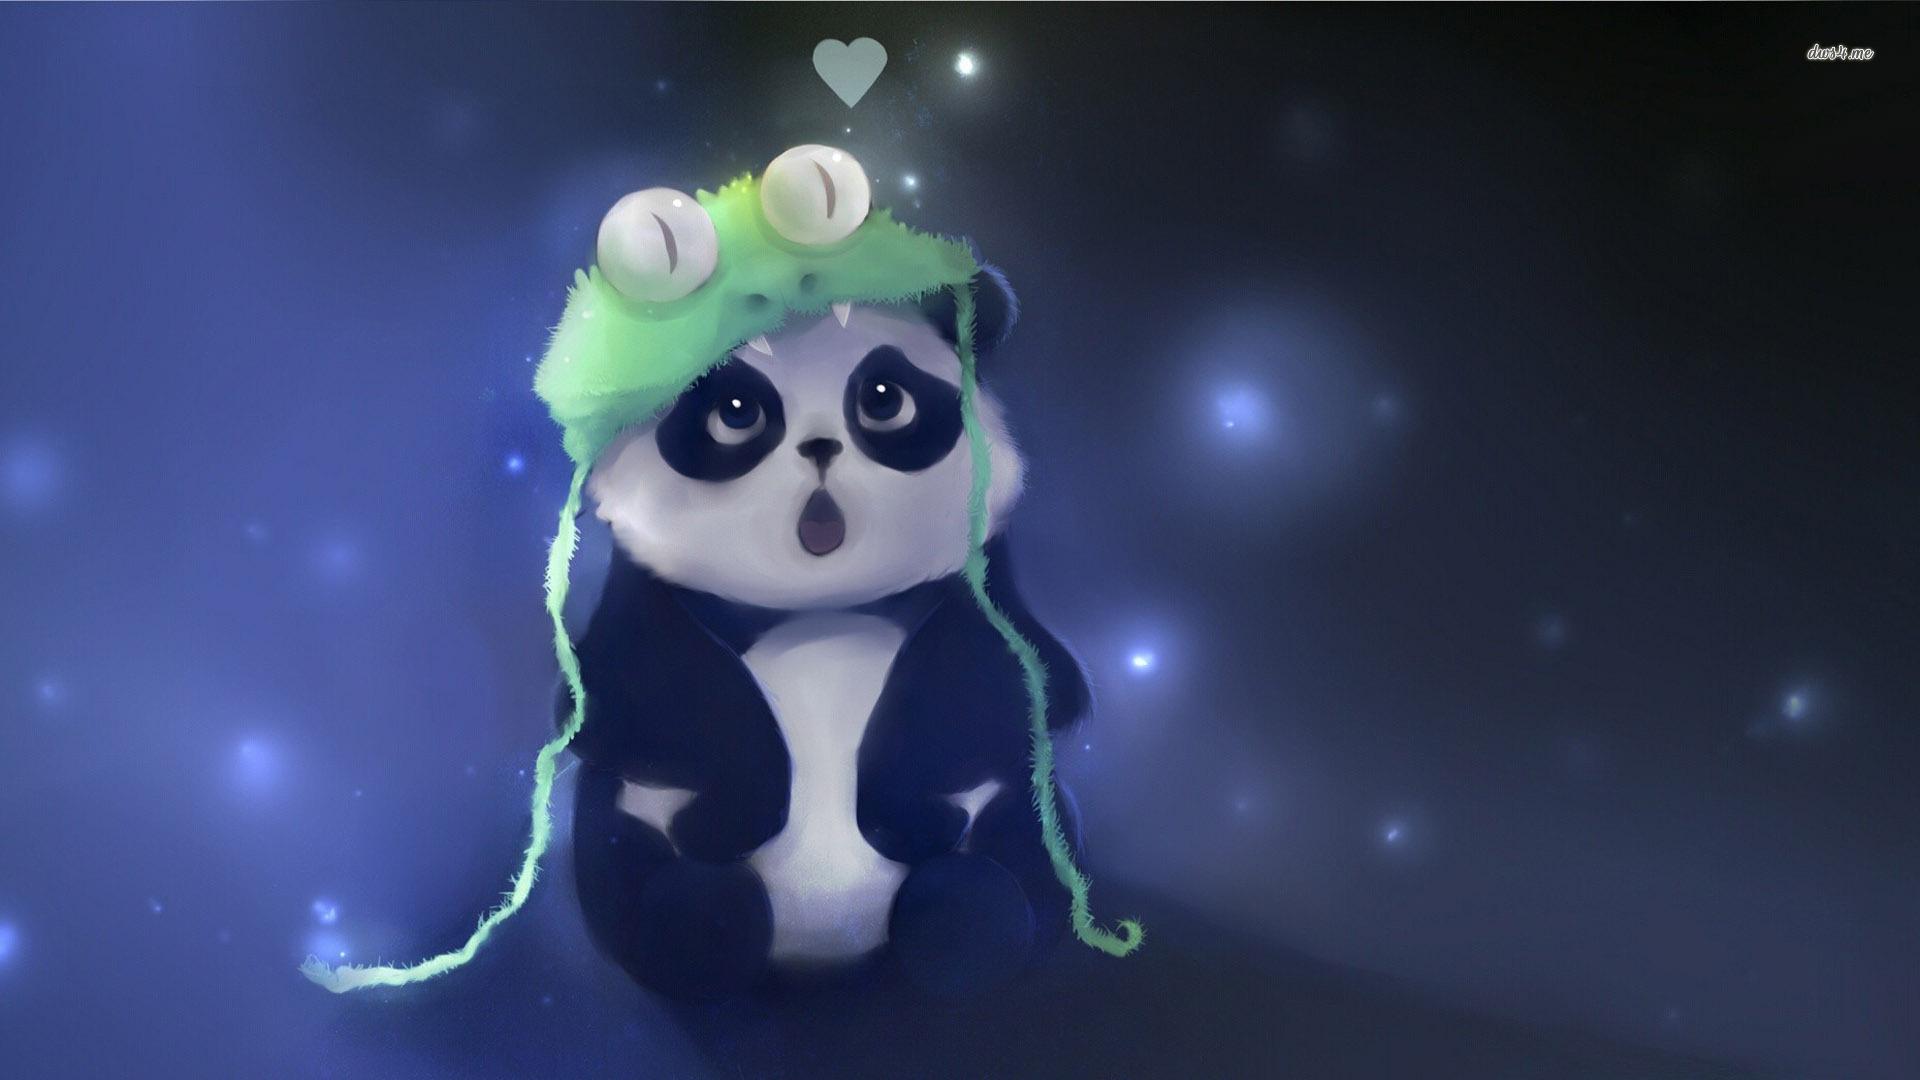 Cute Panda fond ecran hd 1920x1080